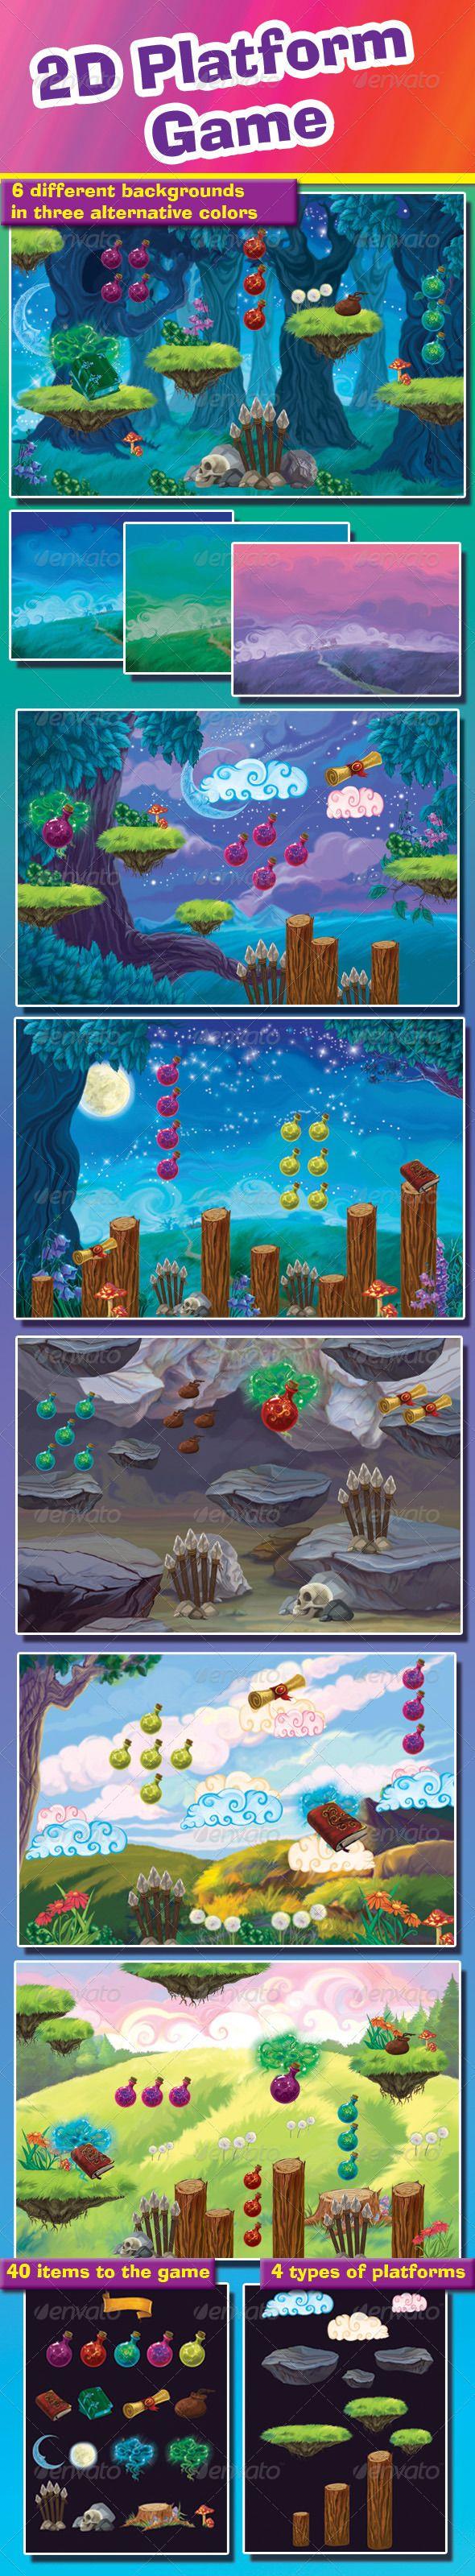 2D+Platform+Game